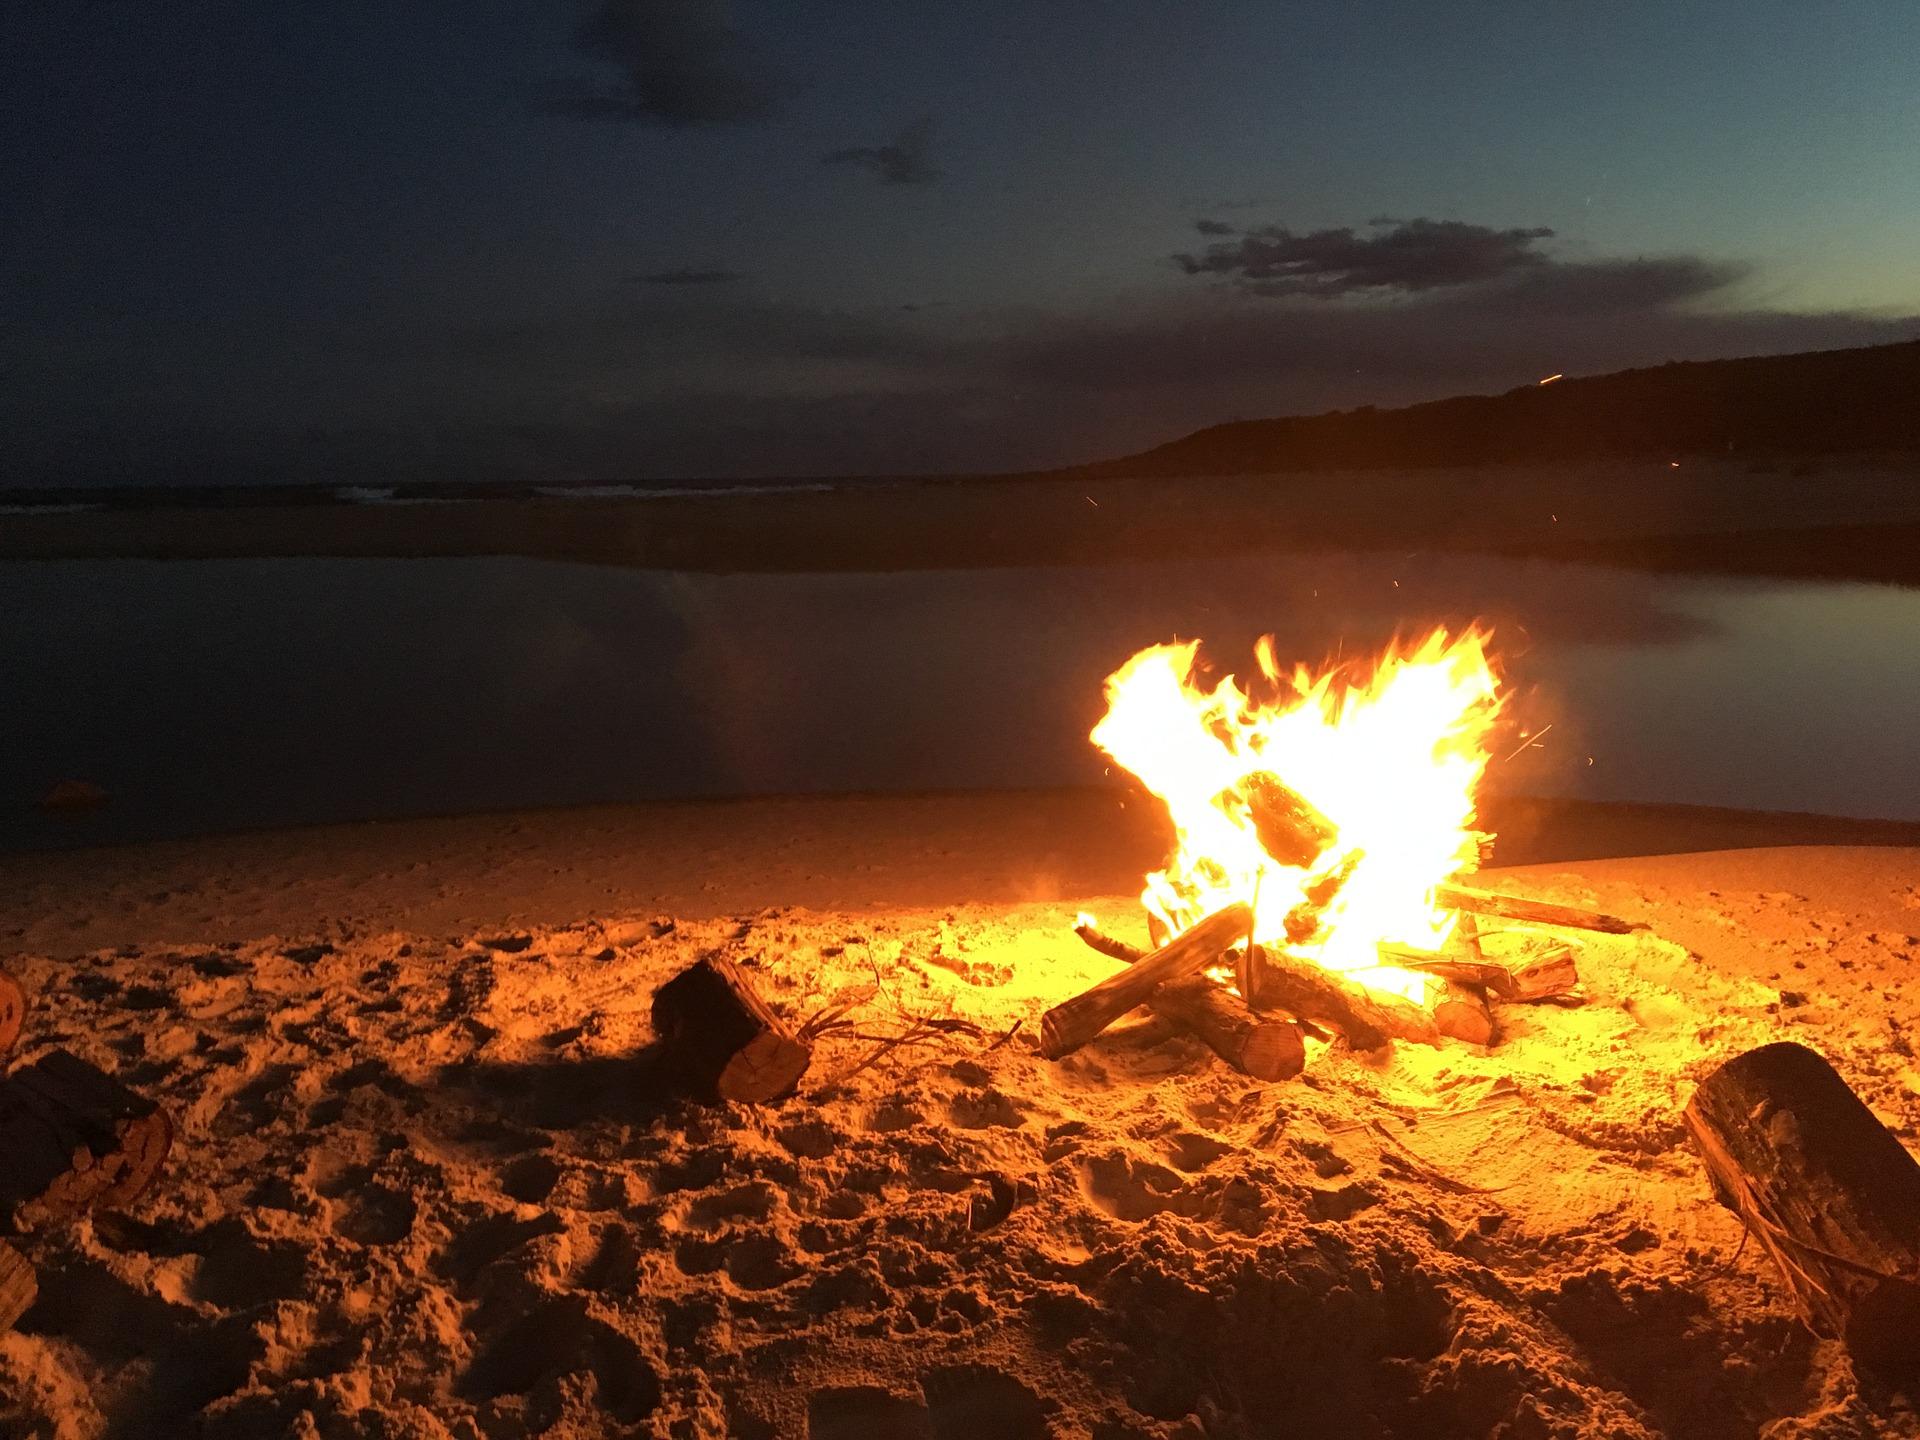 San Lorenzo e Ferragosto in spiaggia, accesso libero ma divieto di bivacco: ecco dove